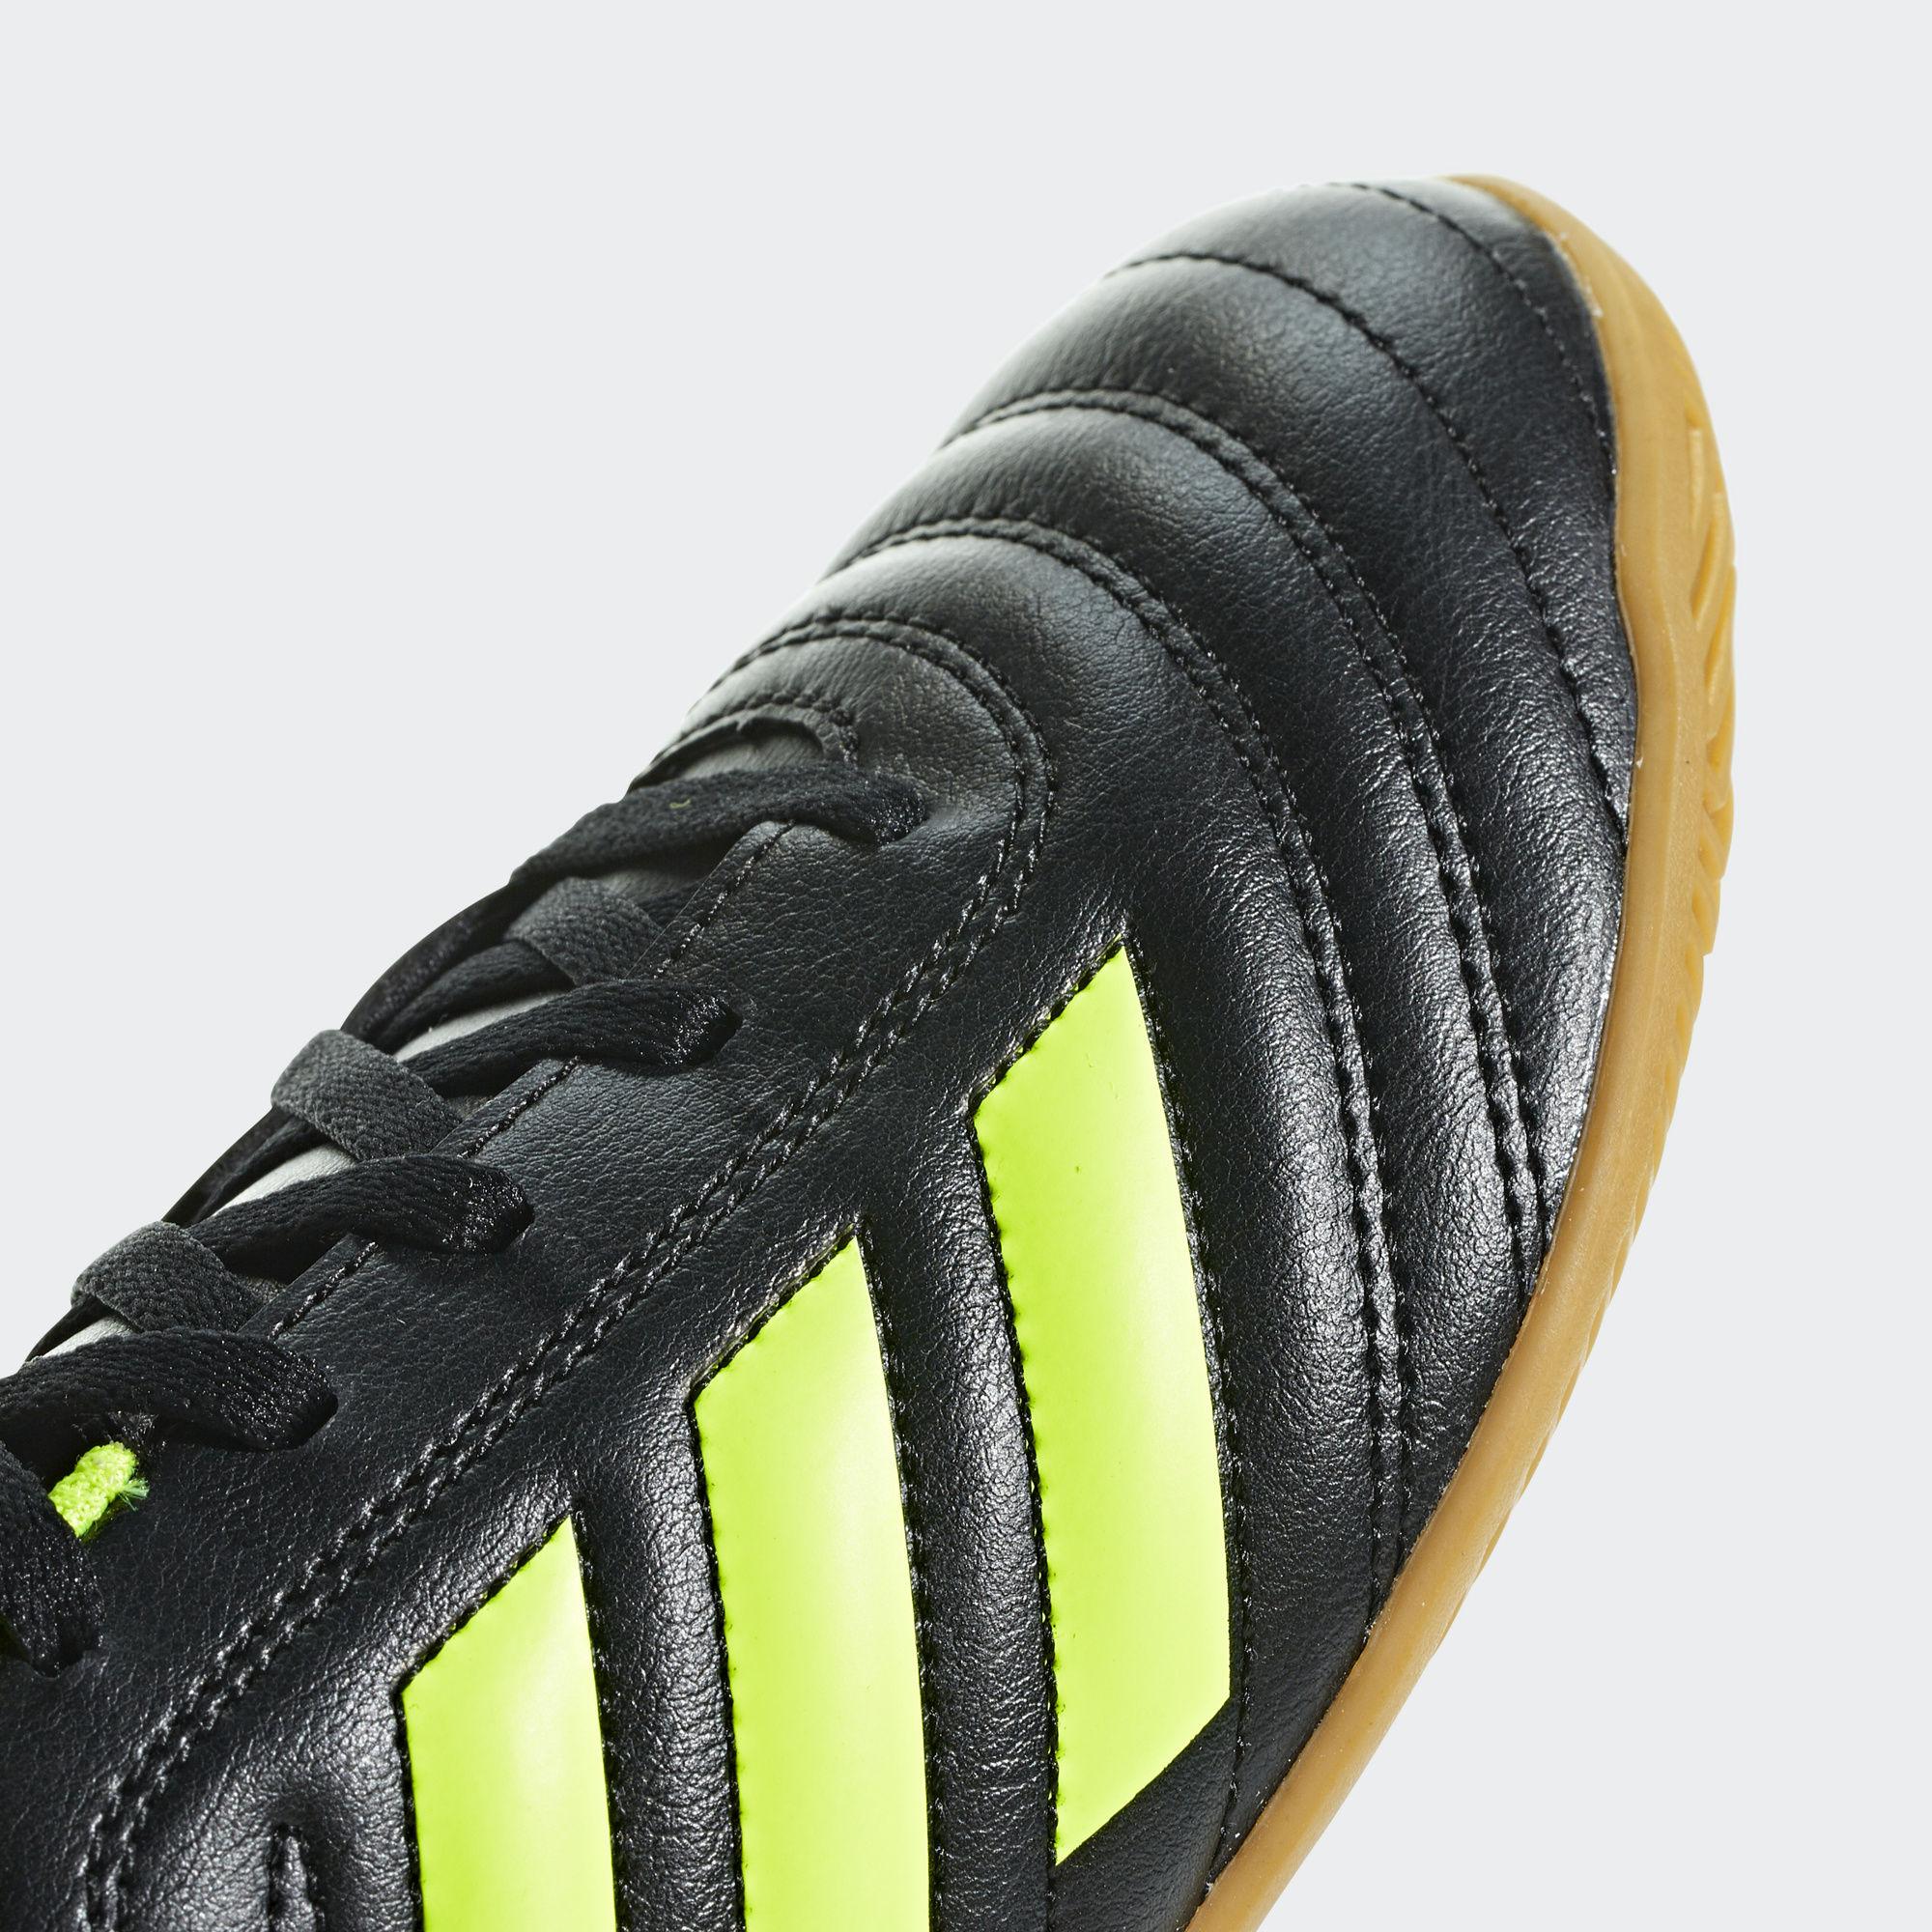 Футбольные бутсы (футзалки) Copa 19.4 IN D98095 adidas Performance ... a2fe17b7acf75